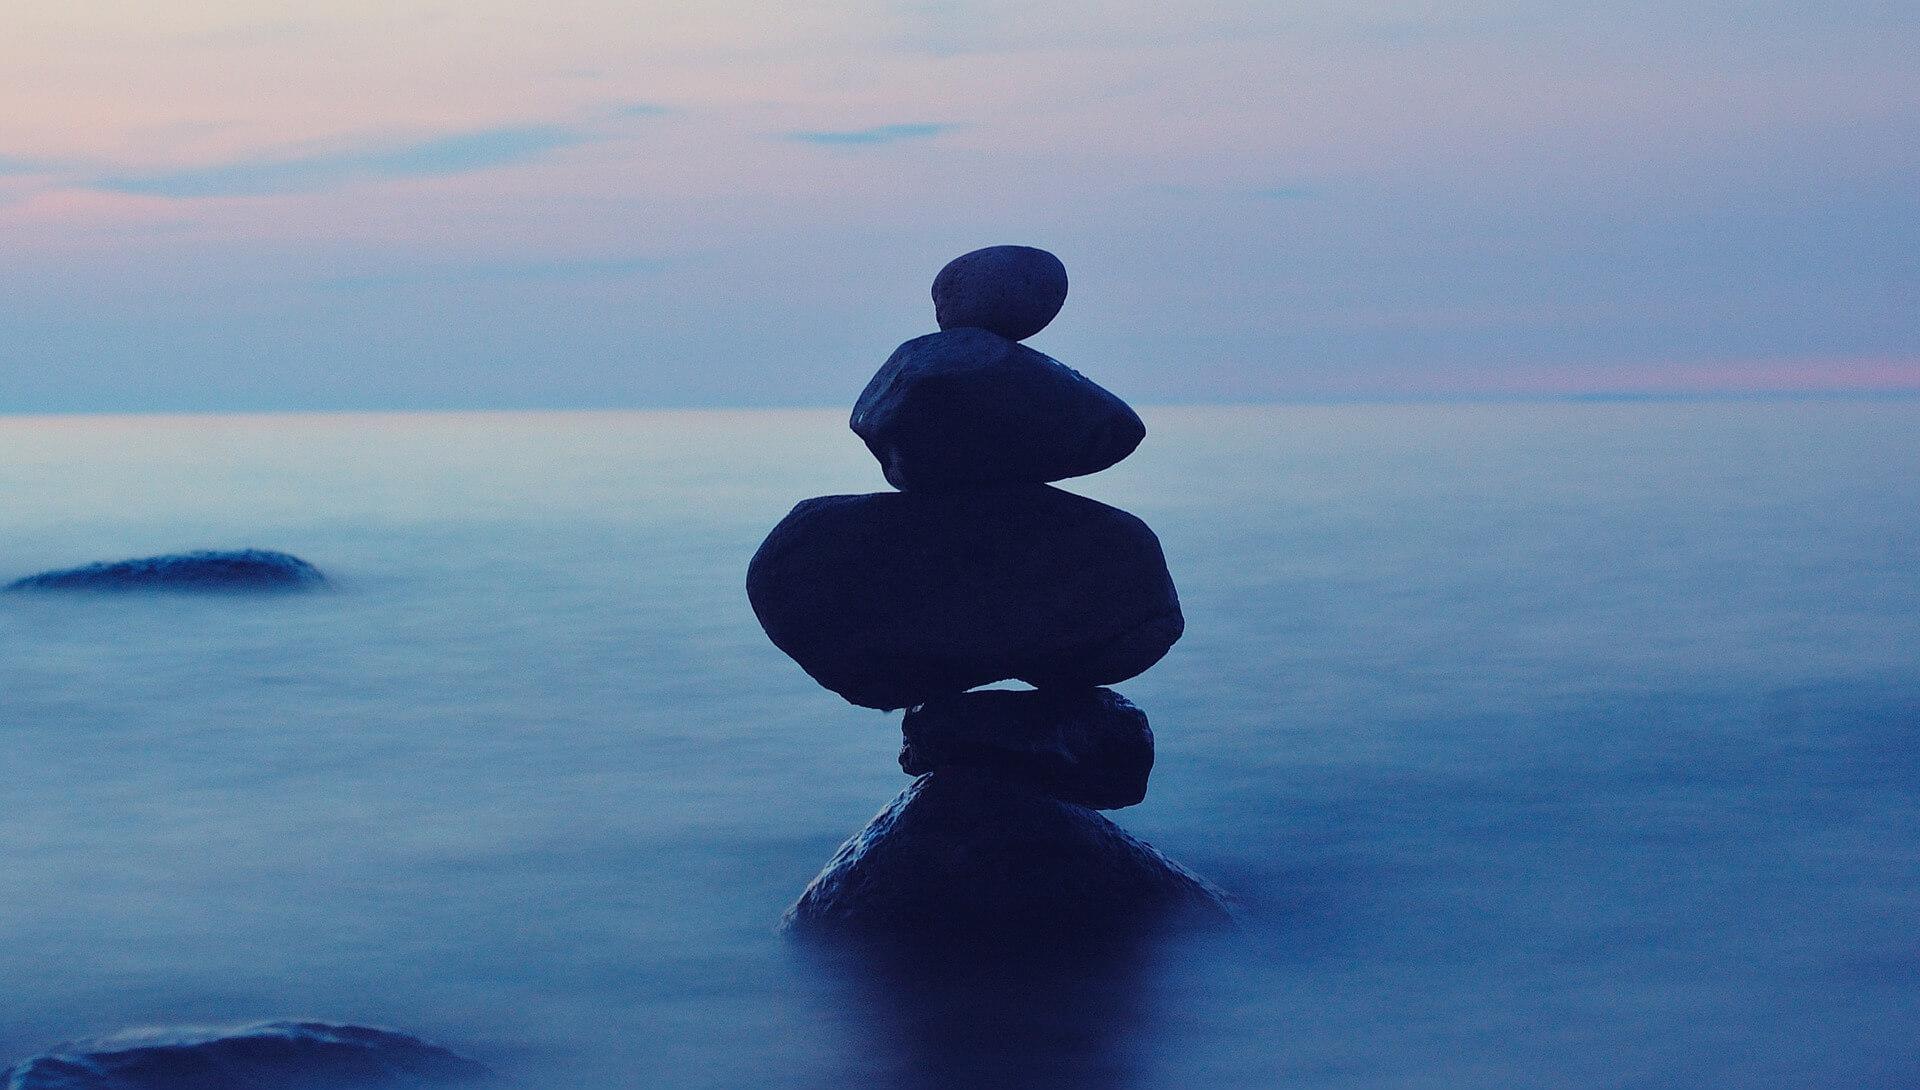 【論文紹介】静的ストレッチングが動的バランスに与える影響